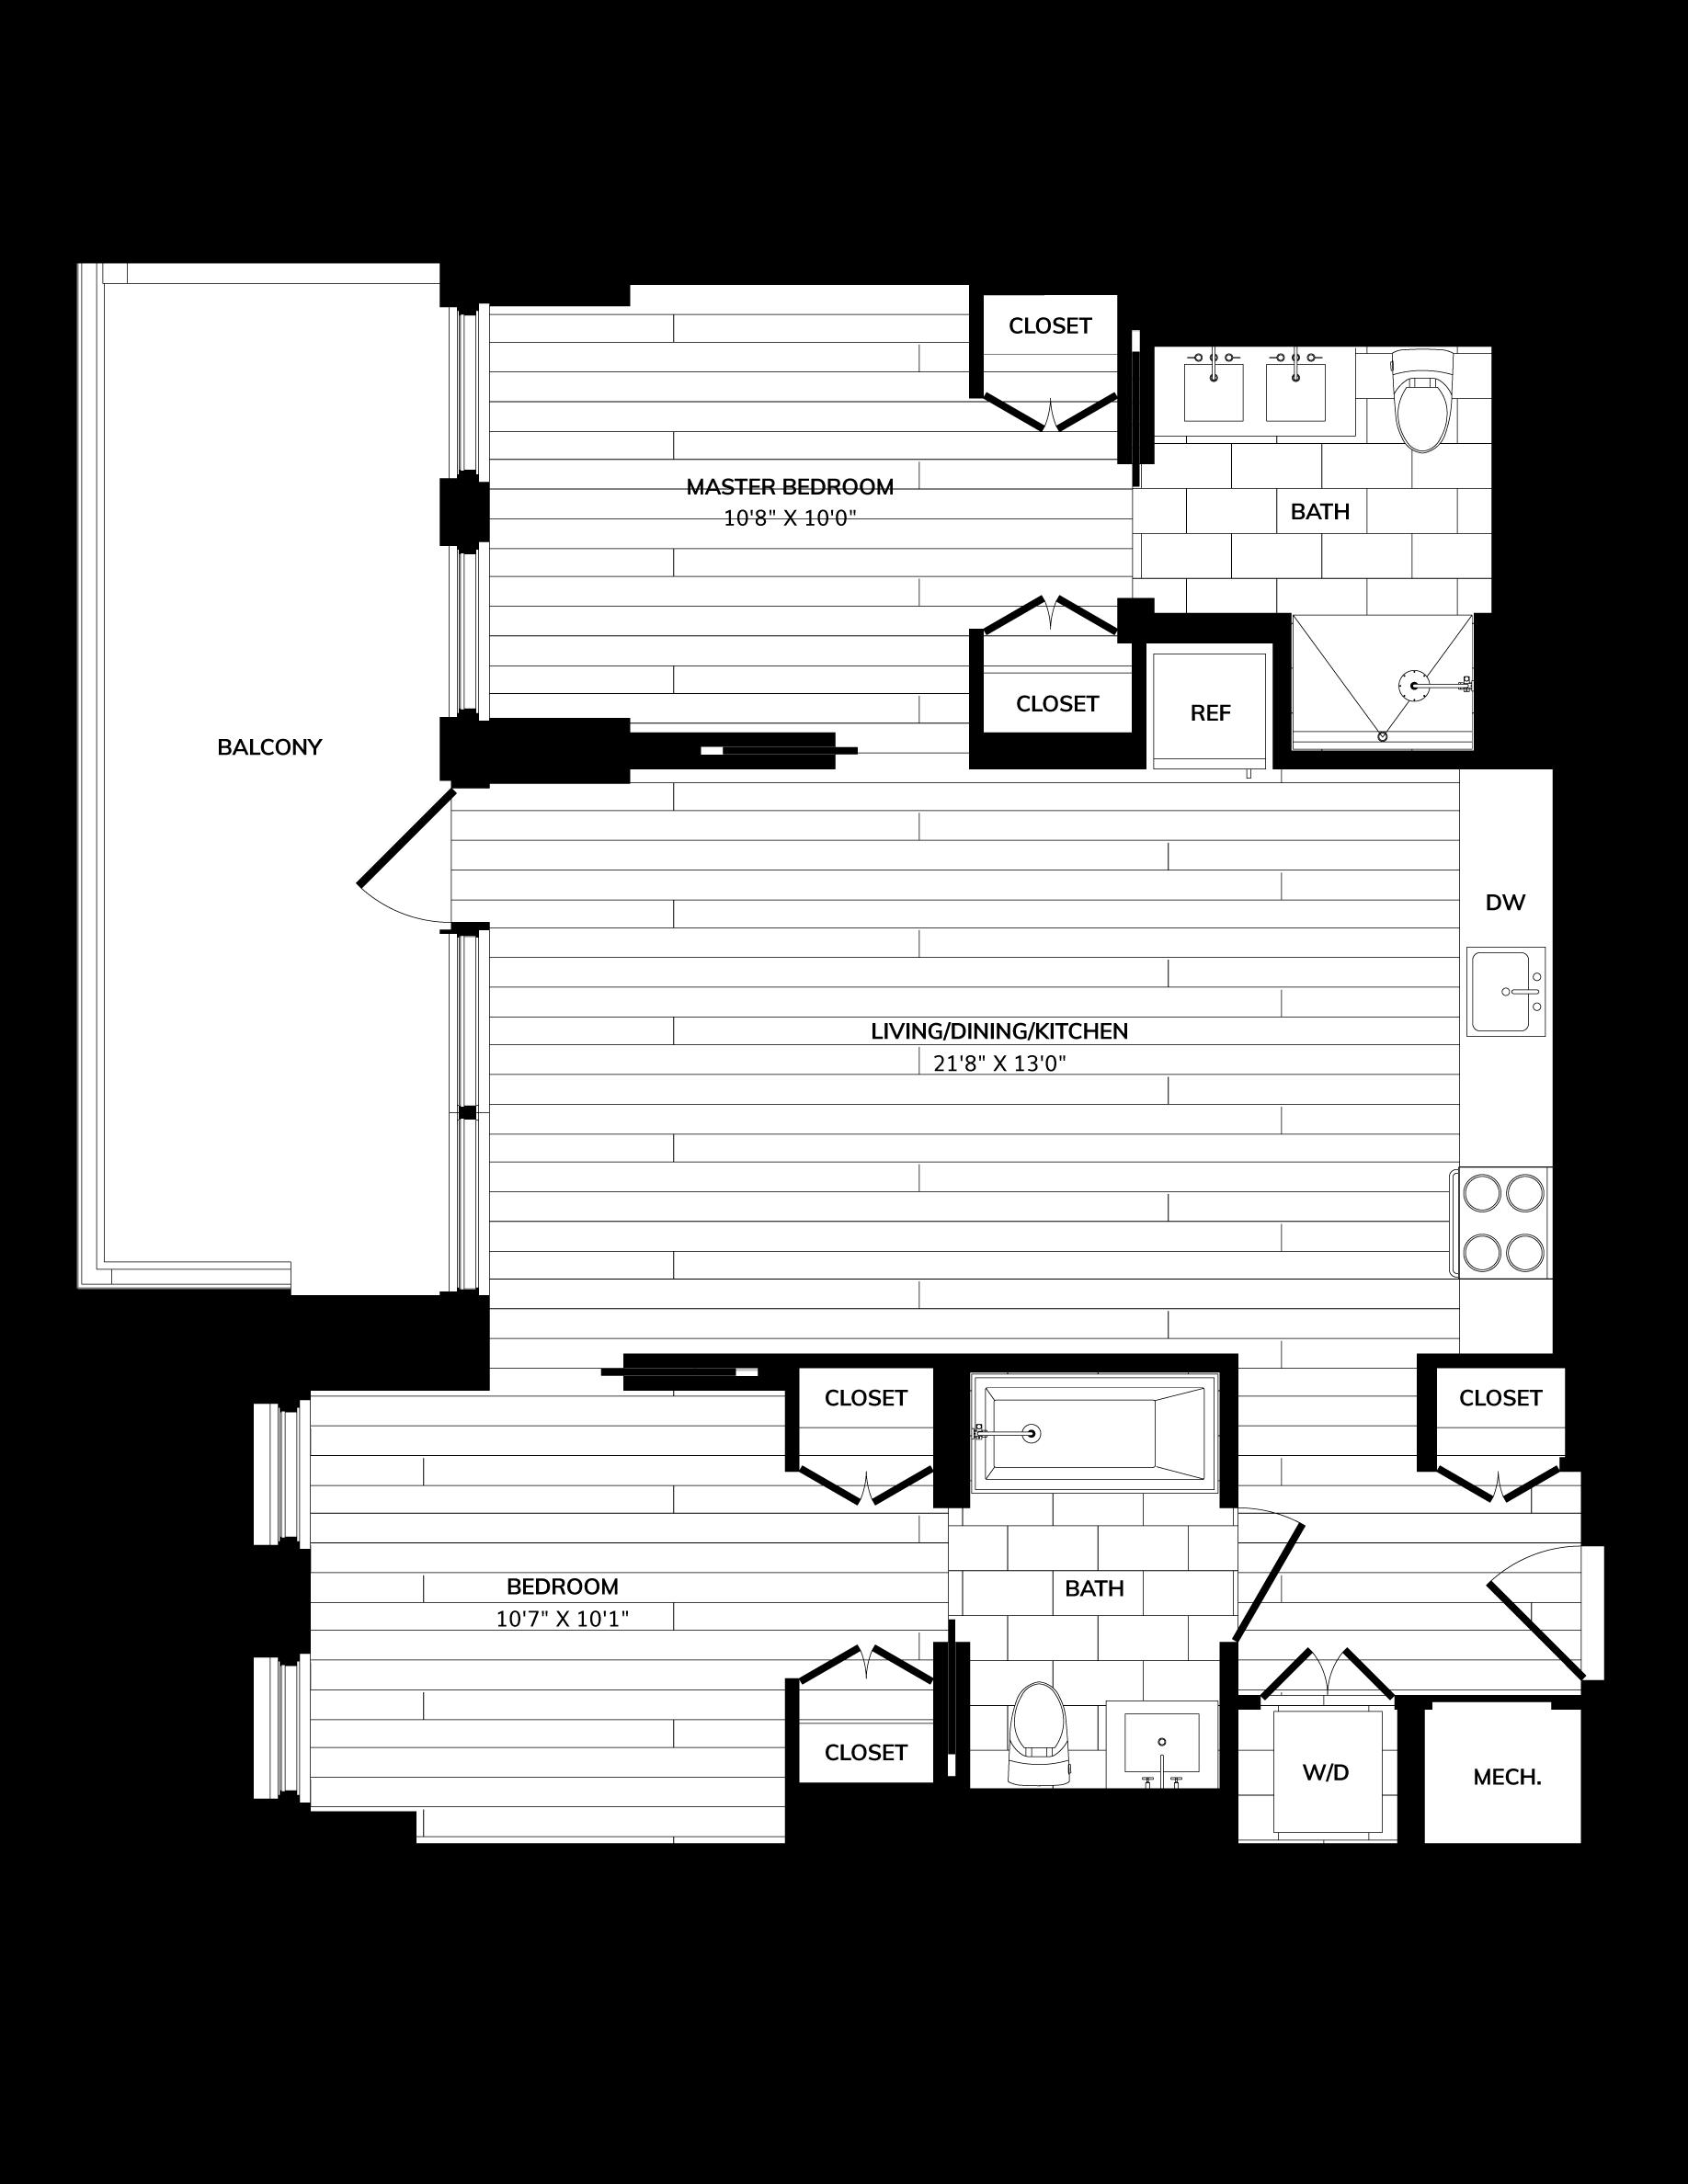 Floorplan image of unit 0602